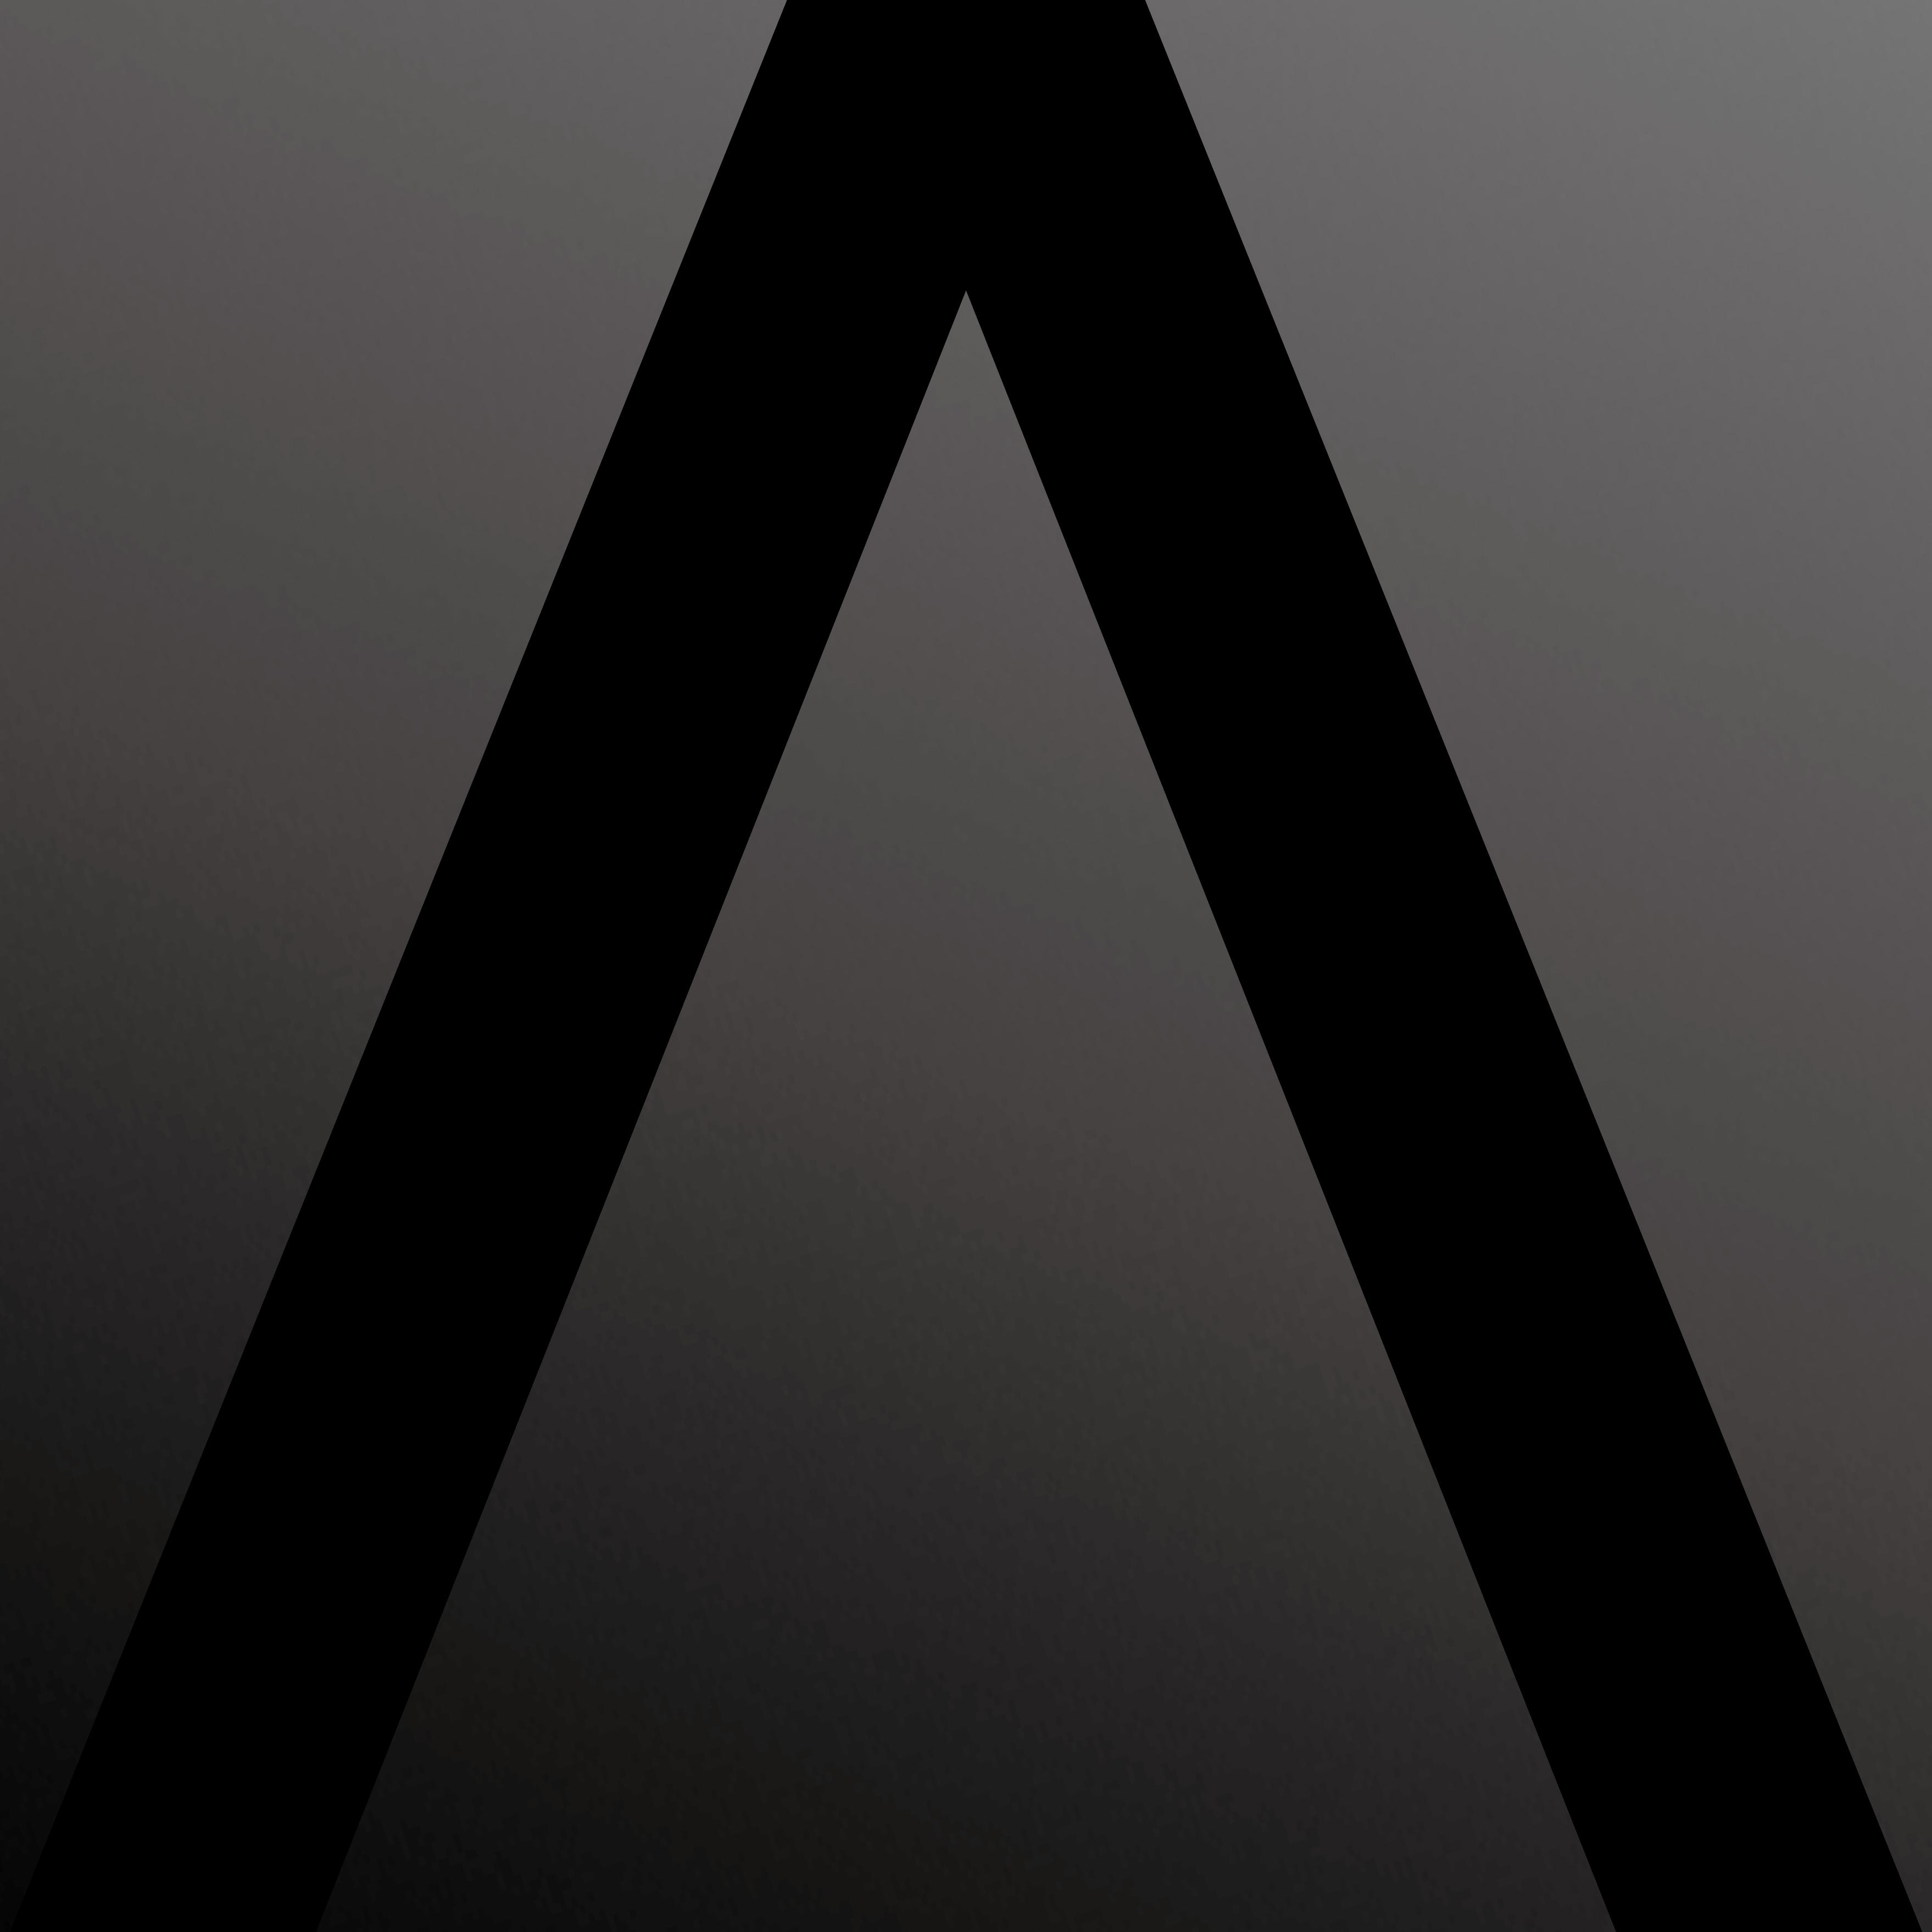 ACIDMAN『Λ(ラムダ)』